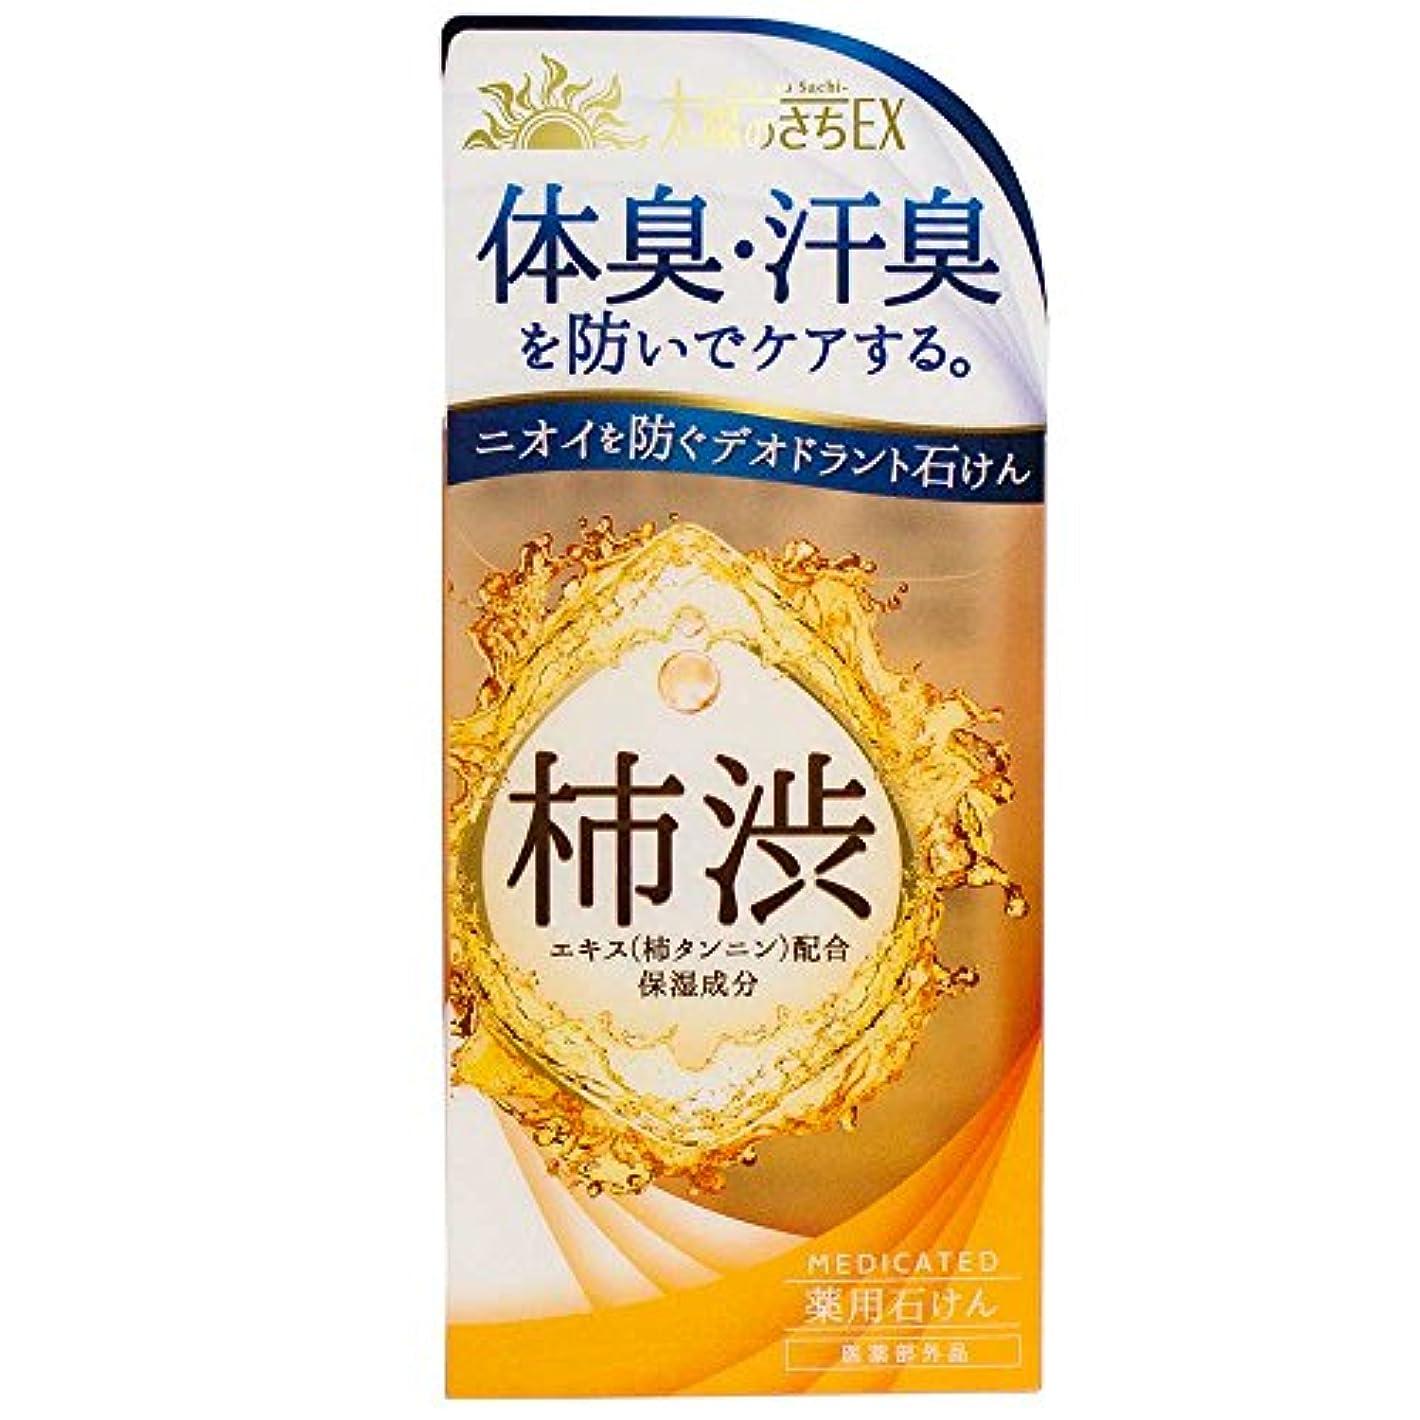 トラップアストロラーベ残酷薬用太陽のさちEX 柿渋石けん 120g